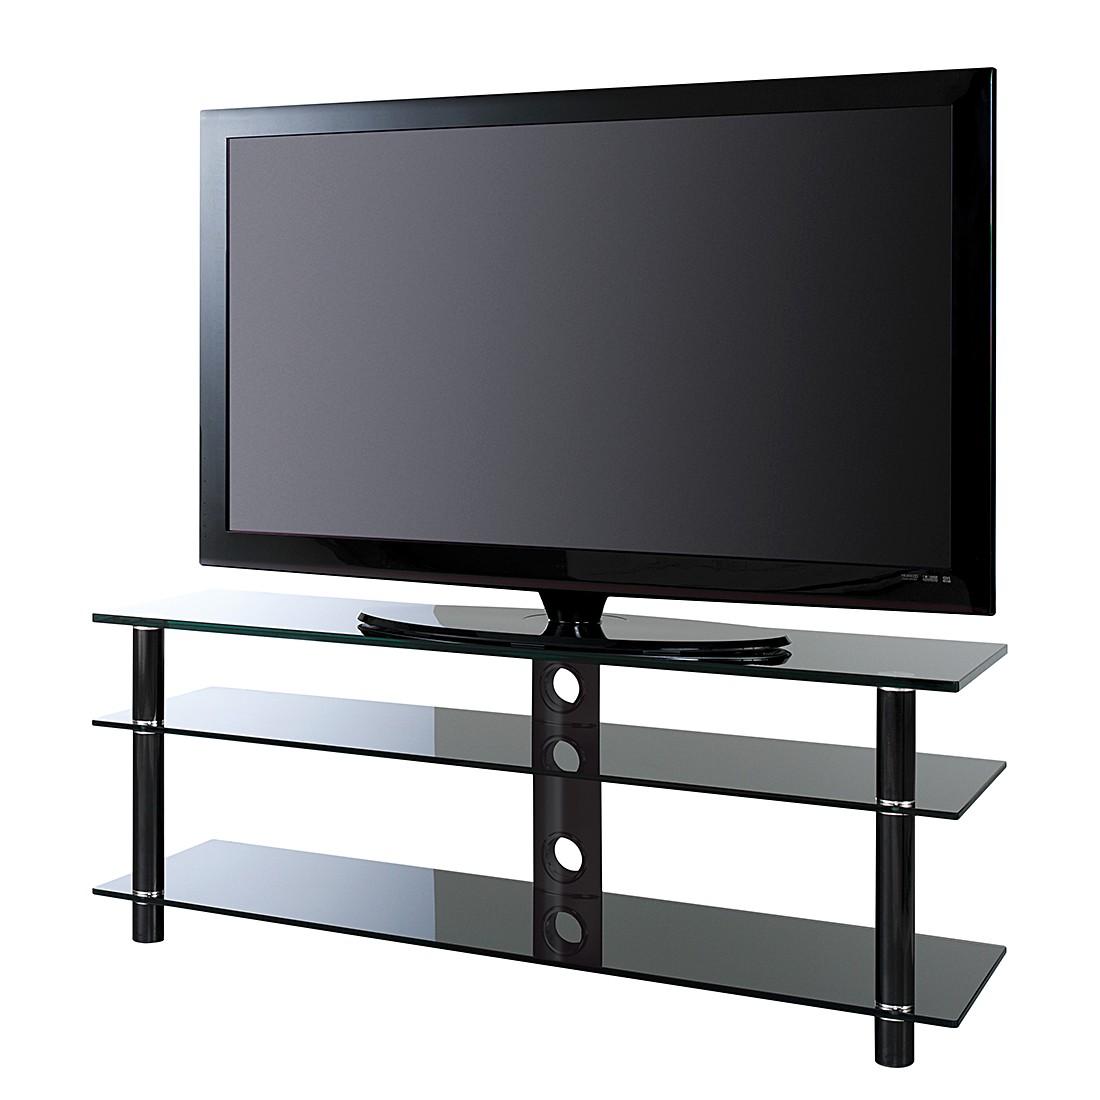 Meuble Tv Design Laque Blanc Pivotant Max Artzein Com # Meuble Tv Blanc Laque Max Accueil